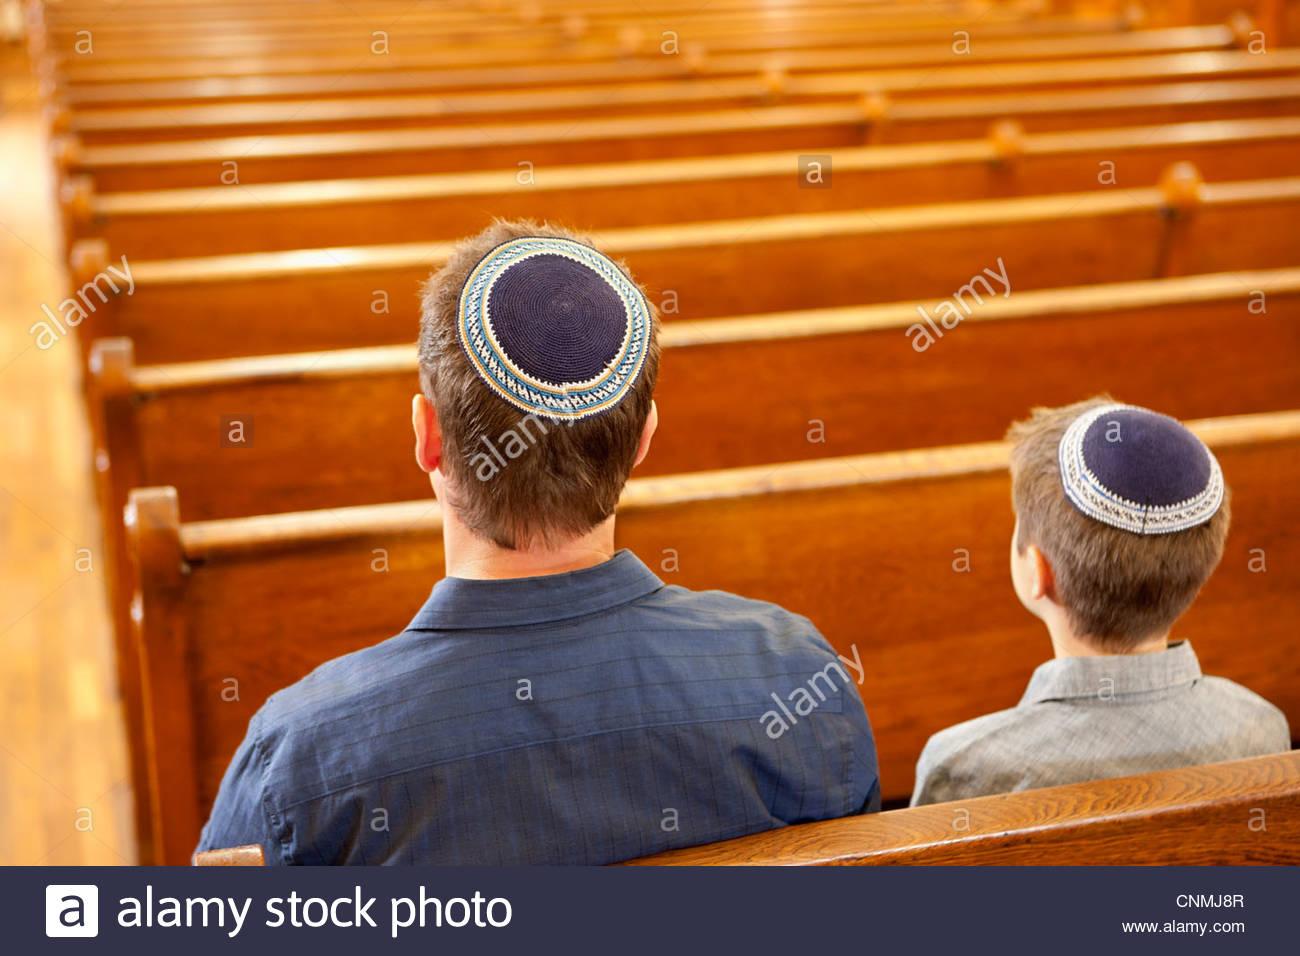 Padre e hijo en yarmulkes (pequeña boina judía) sentado en la sinagoga Imagen De Stock